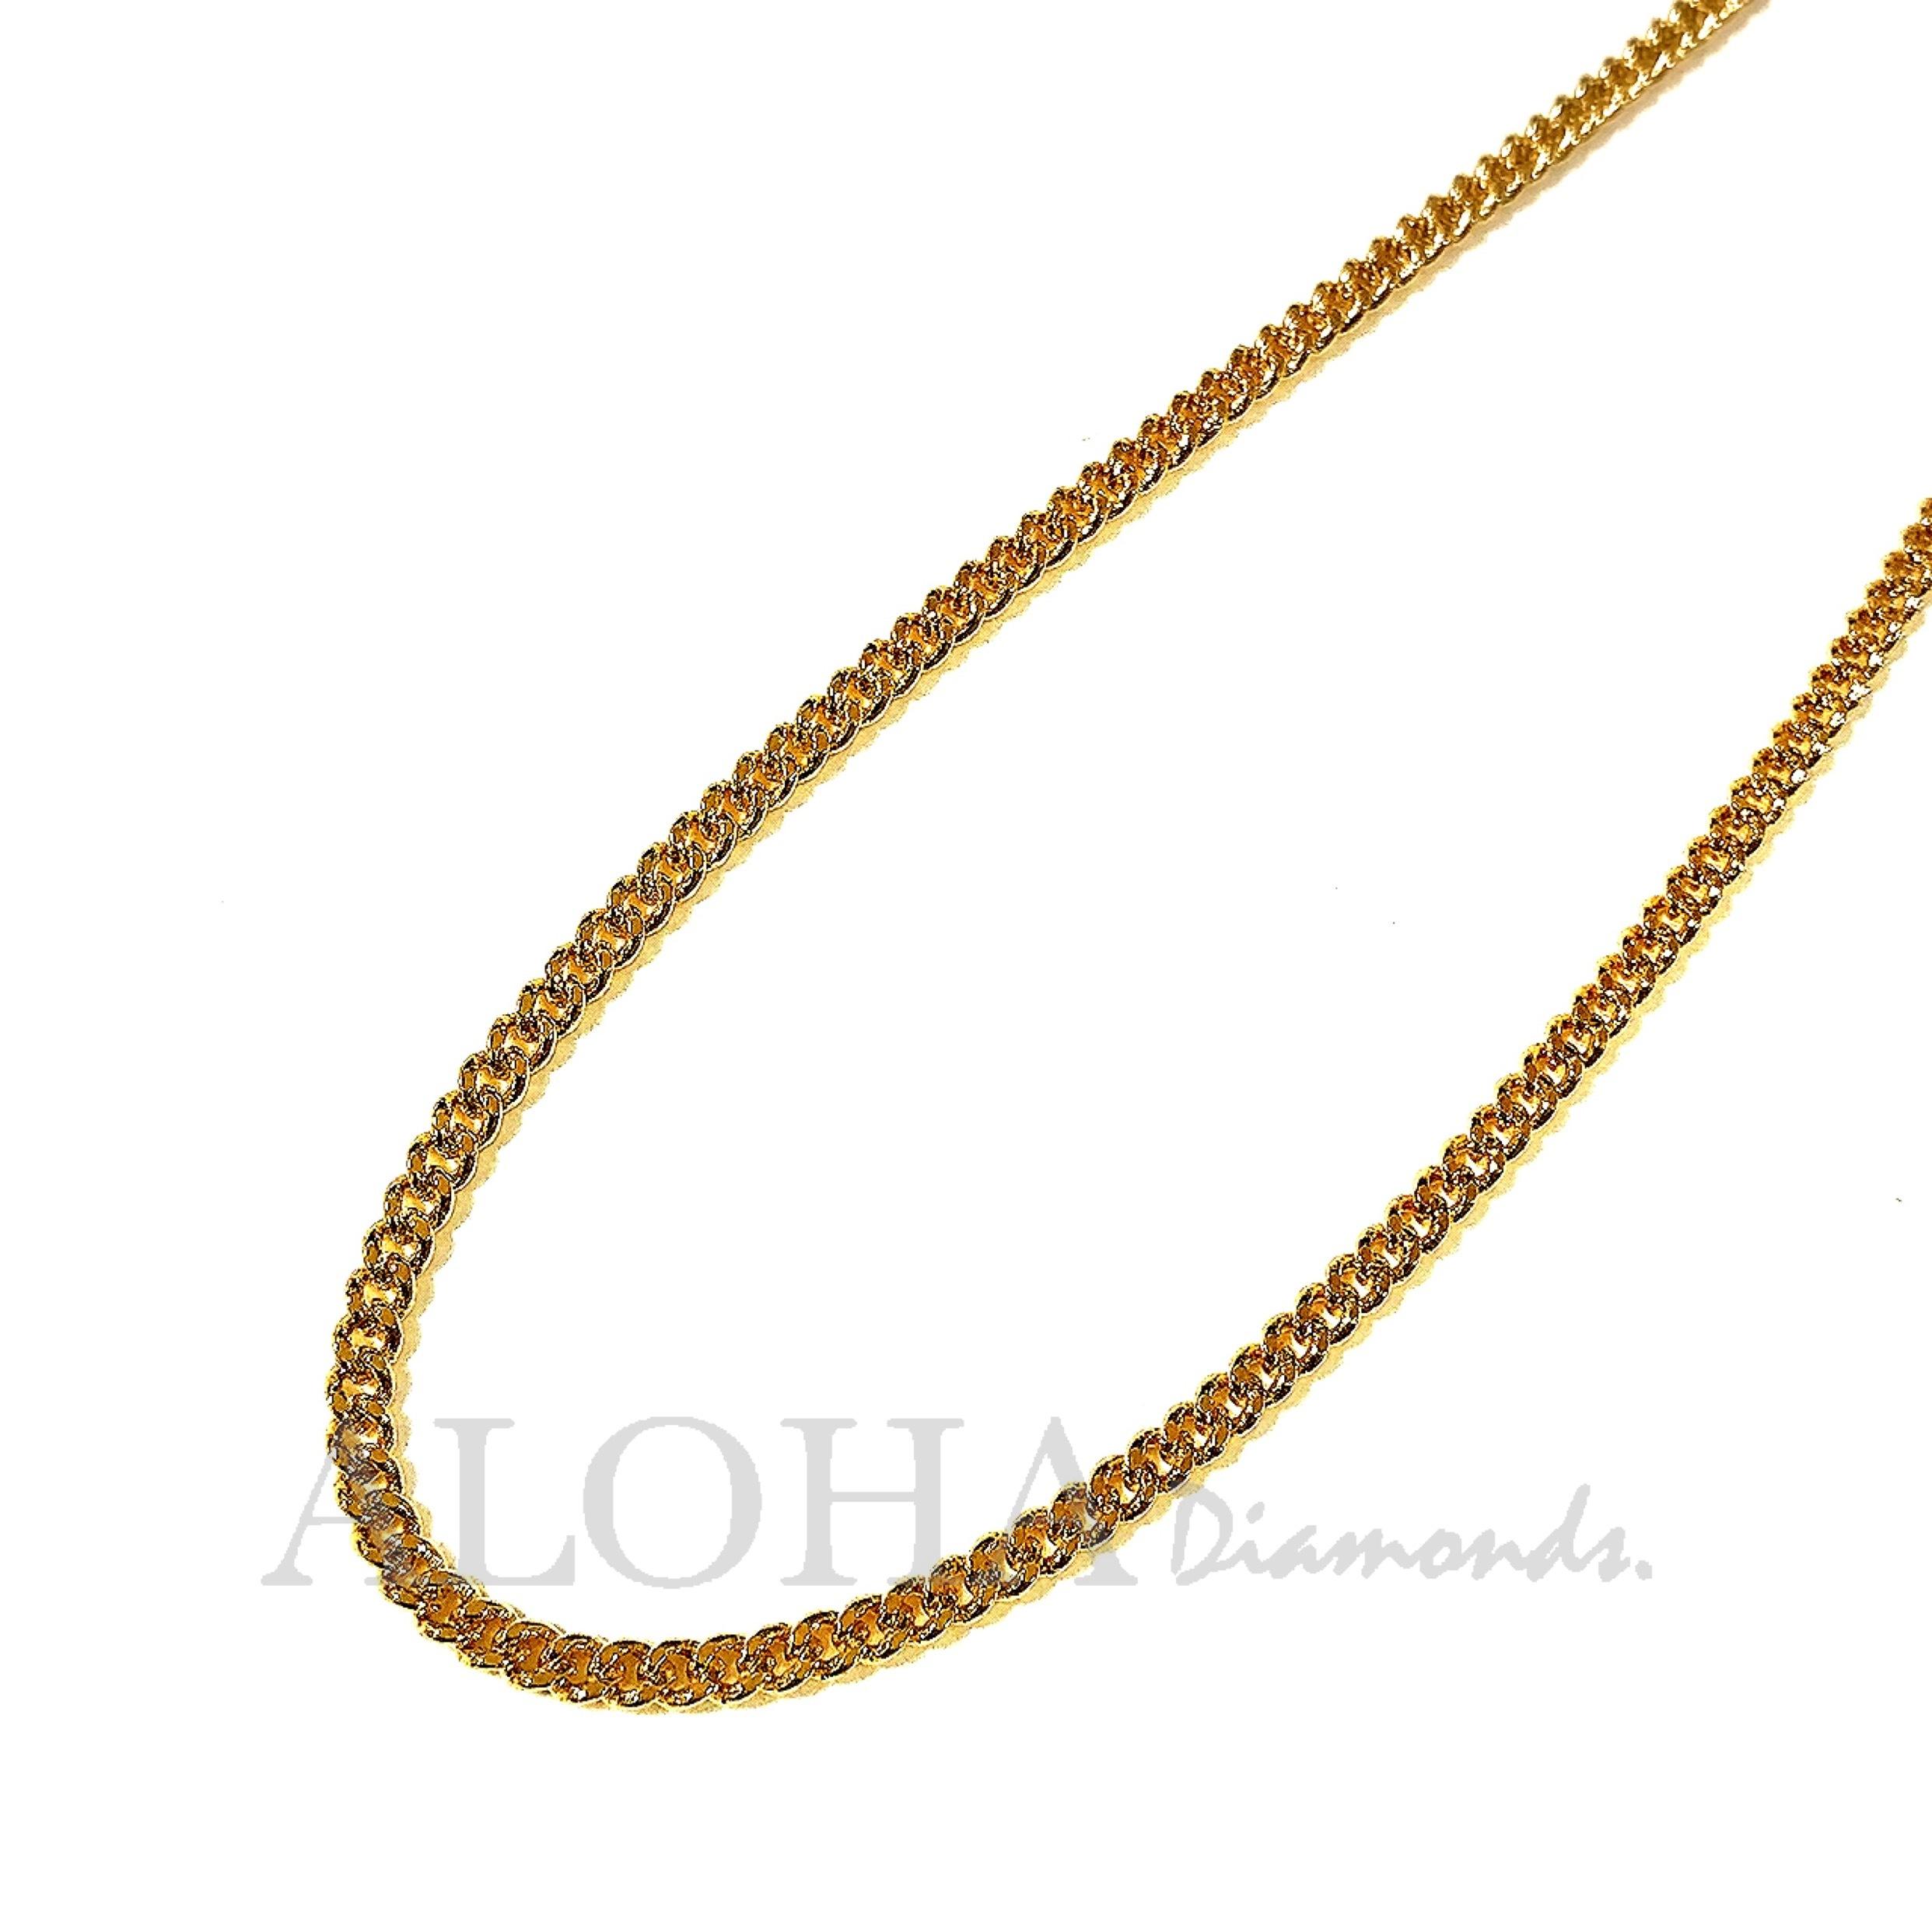 ✴︎✴︎✴︎The chain - No.3 ✴︎✴︎✴︎ ゴールド/ネックレス 48cm(ネックレス単品)